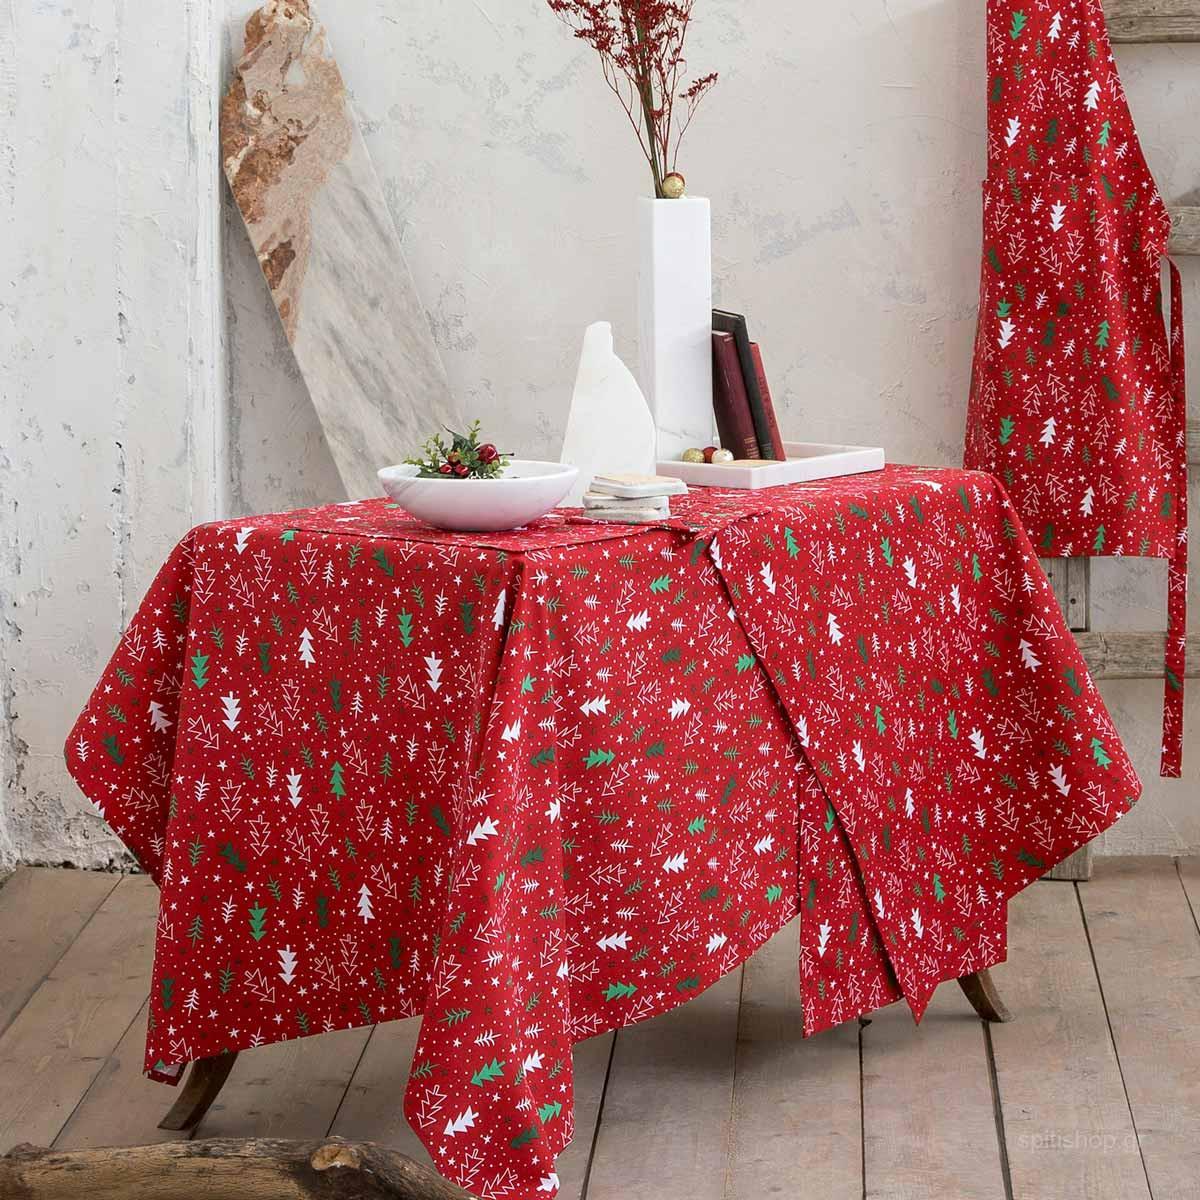 Χριστουγεννιάτικο Τραπεζομάντηλο (150×190) Nima Be Merry